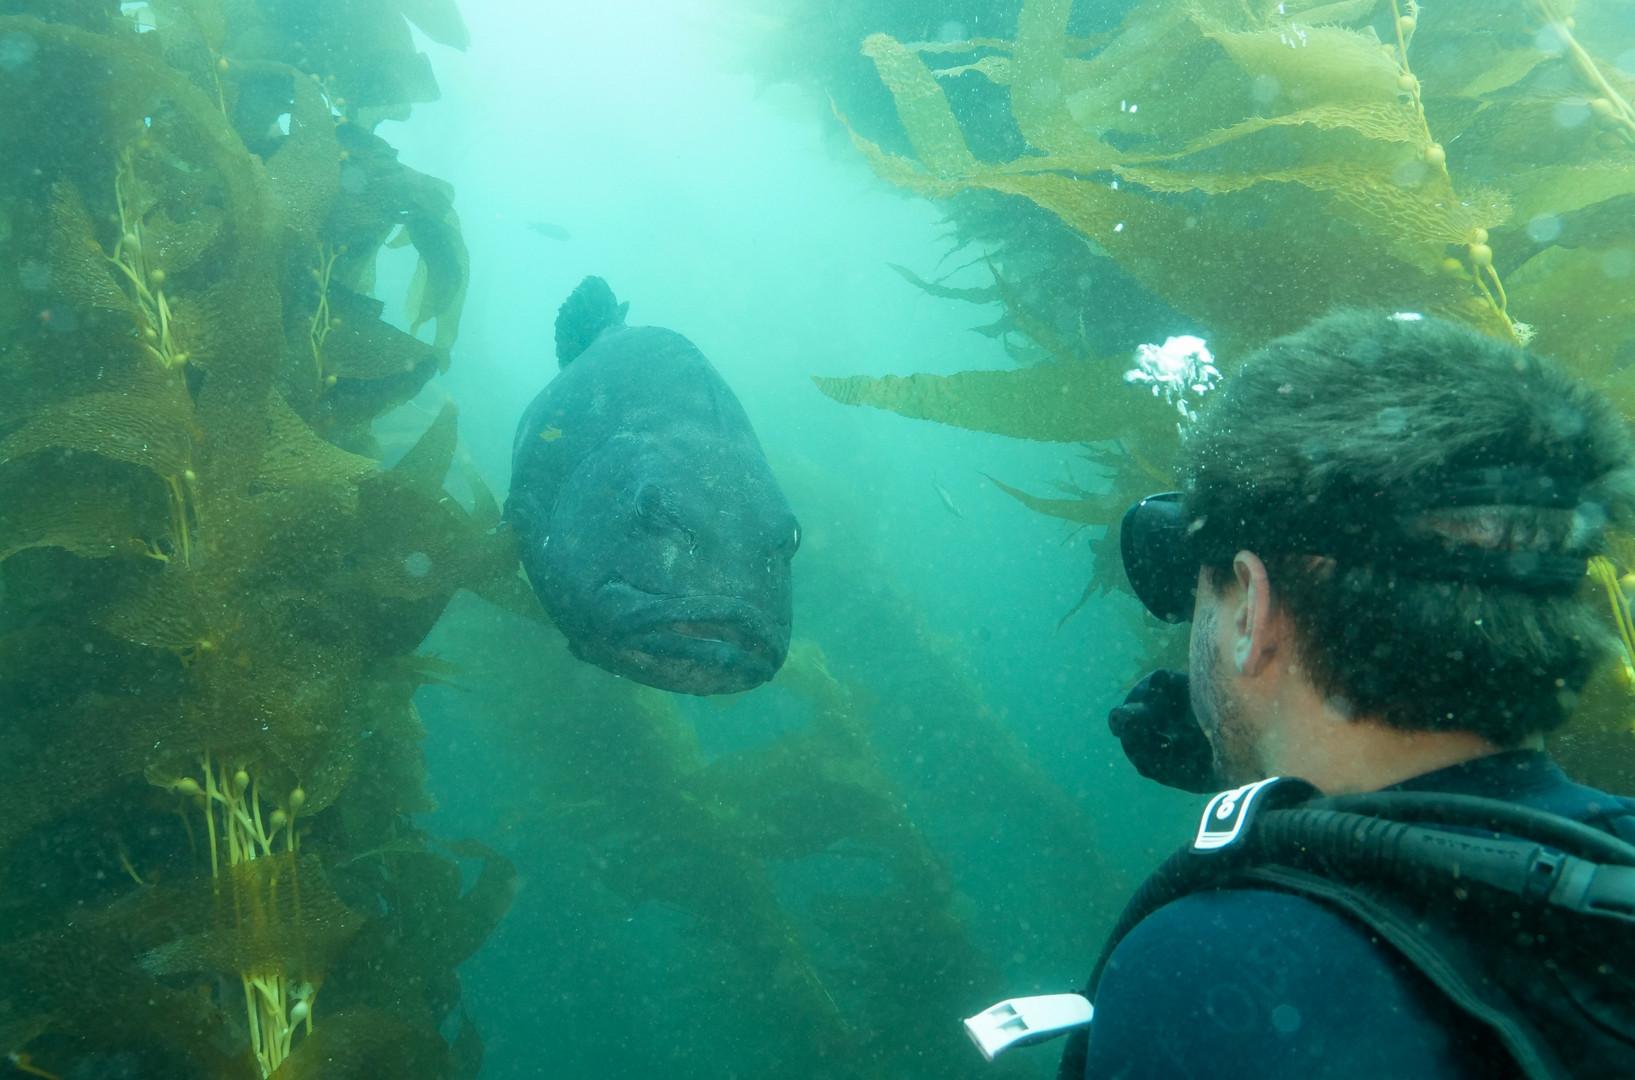 sea bass in the Casino Dive Park